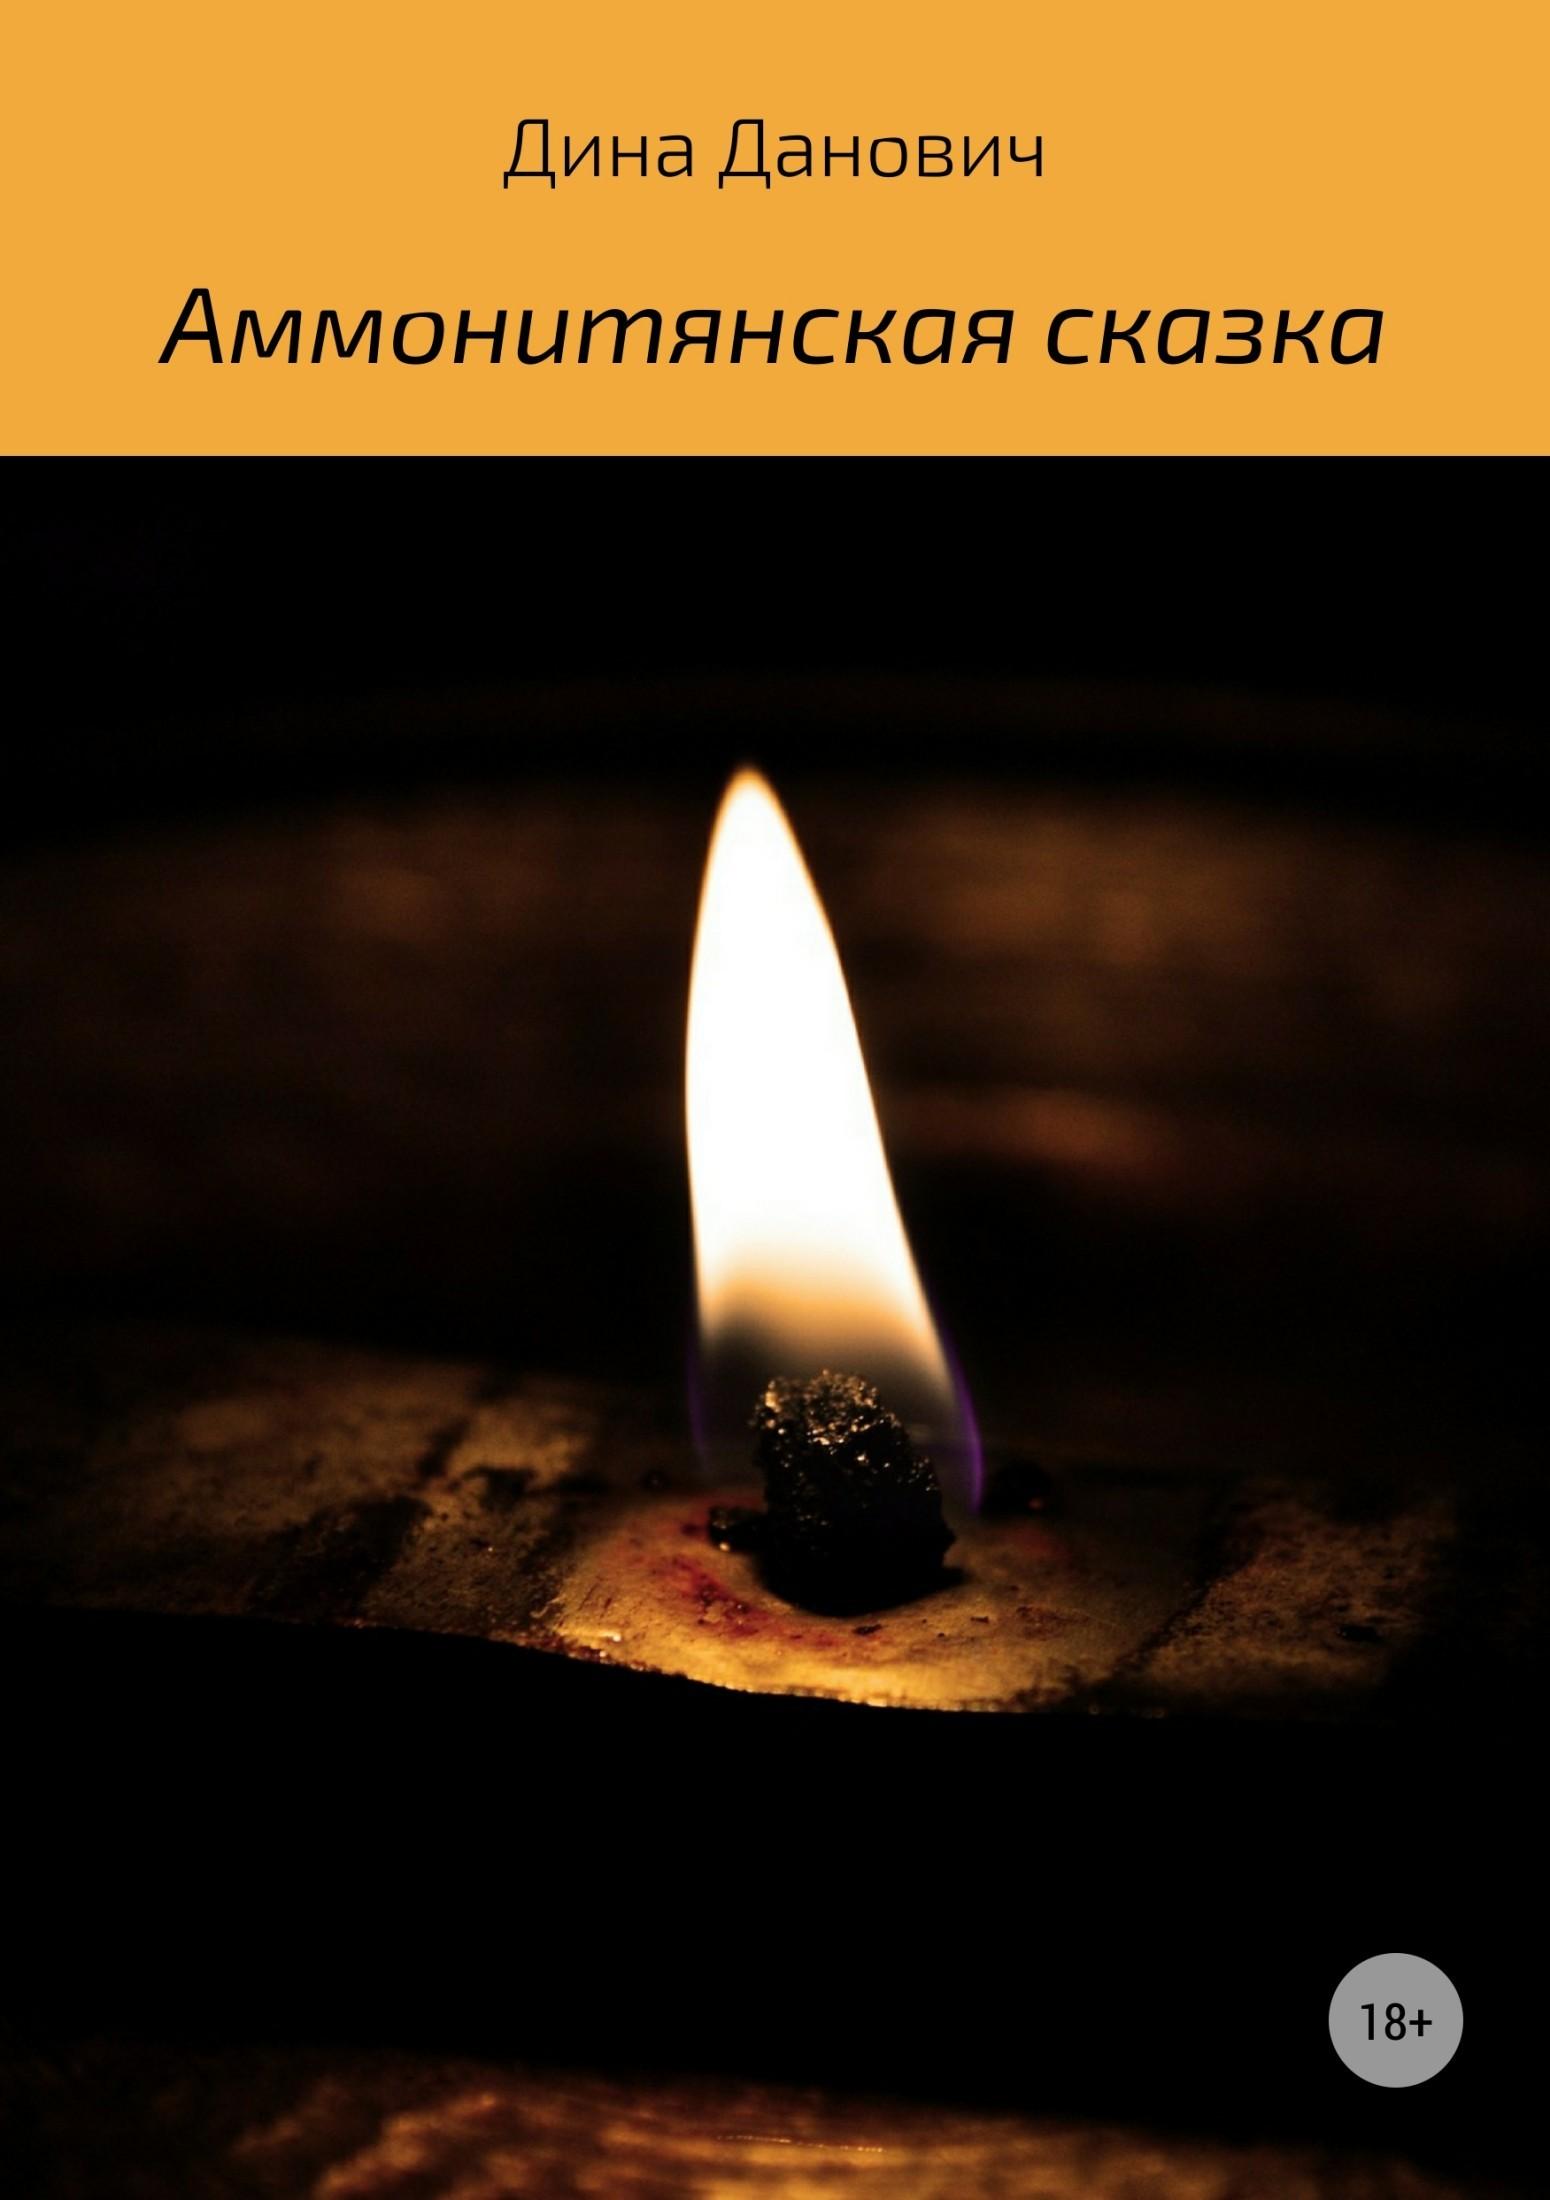 Олеся Константиновна Яжук Аммонитянская сказка олеся мовсина про контра и цетера